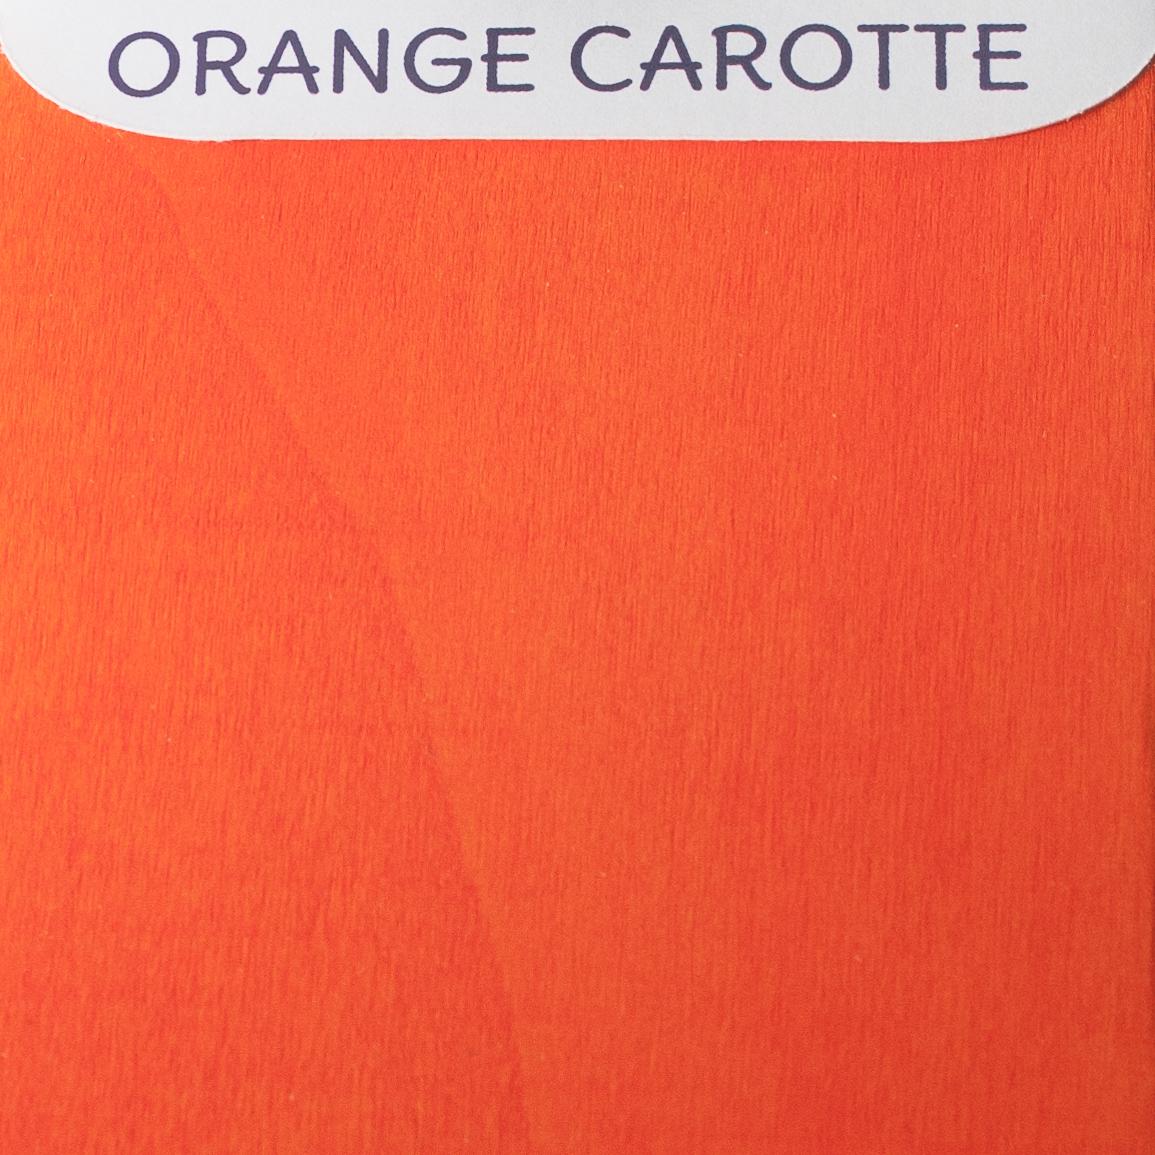 Orange carotte - Nuancier Le Chaton et sa Poulette